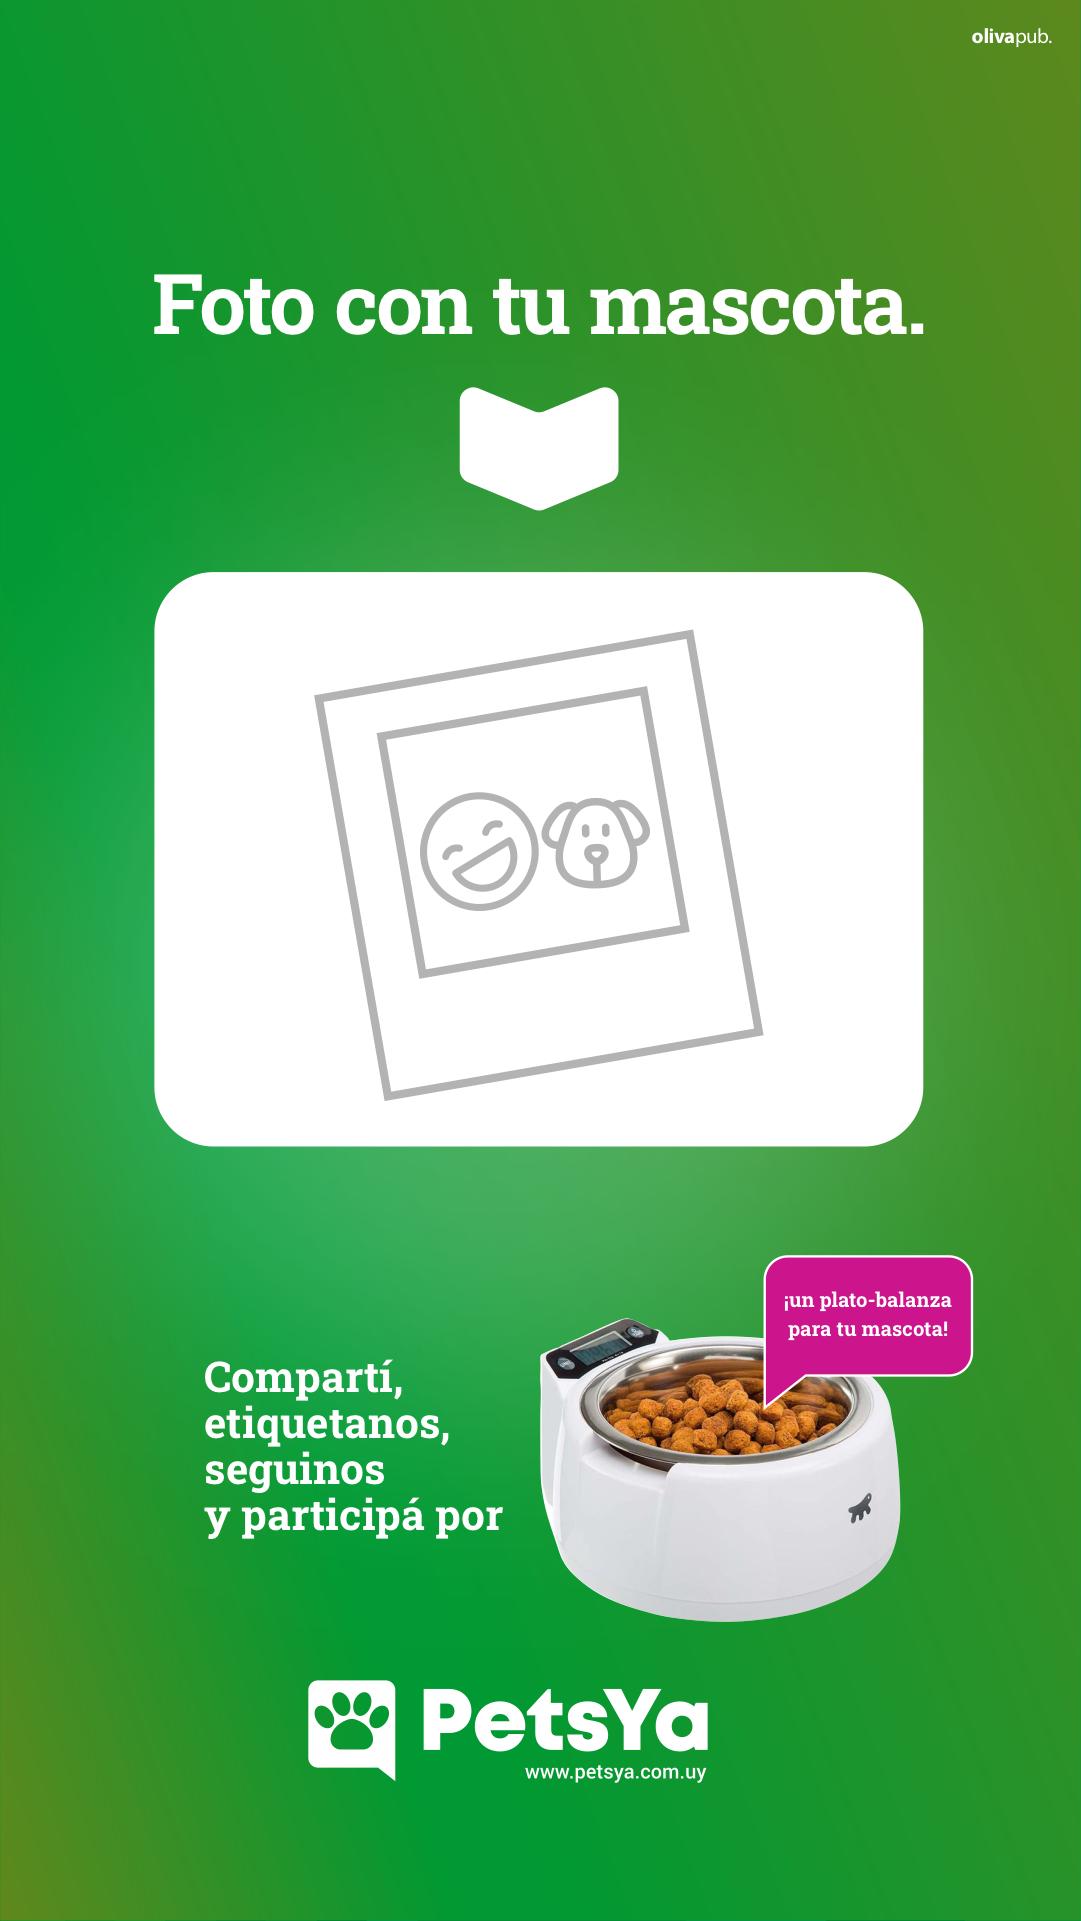 PetsYa - Gráficas para redes 2